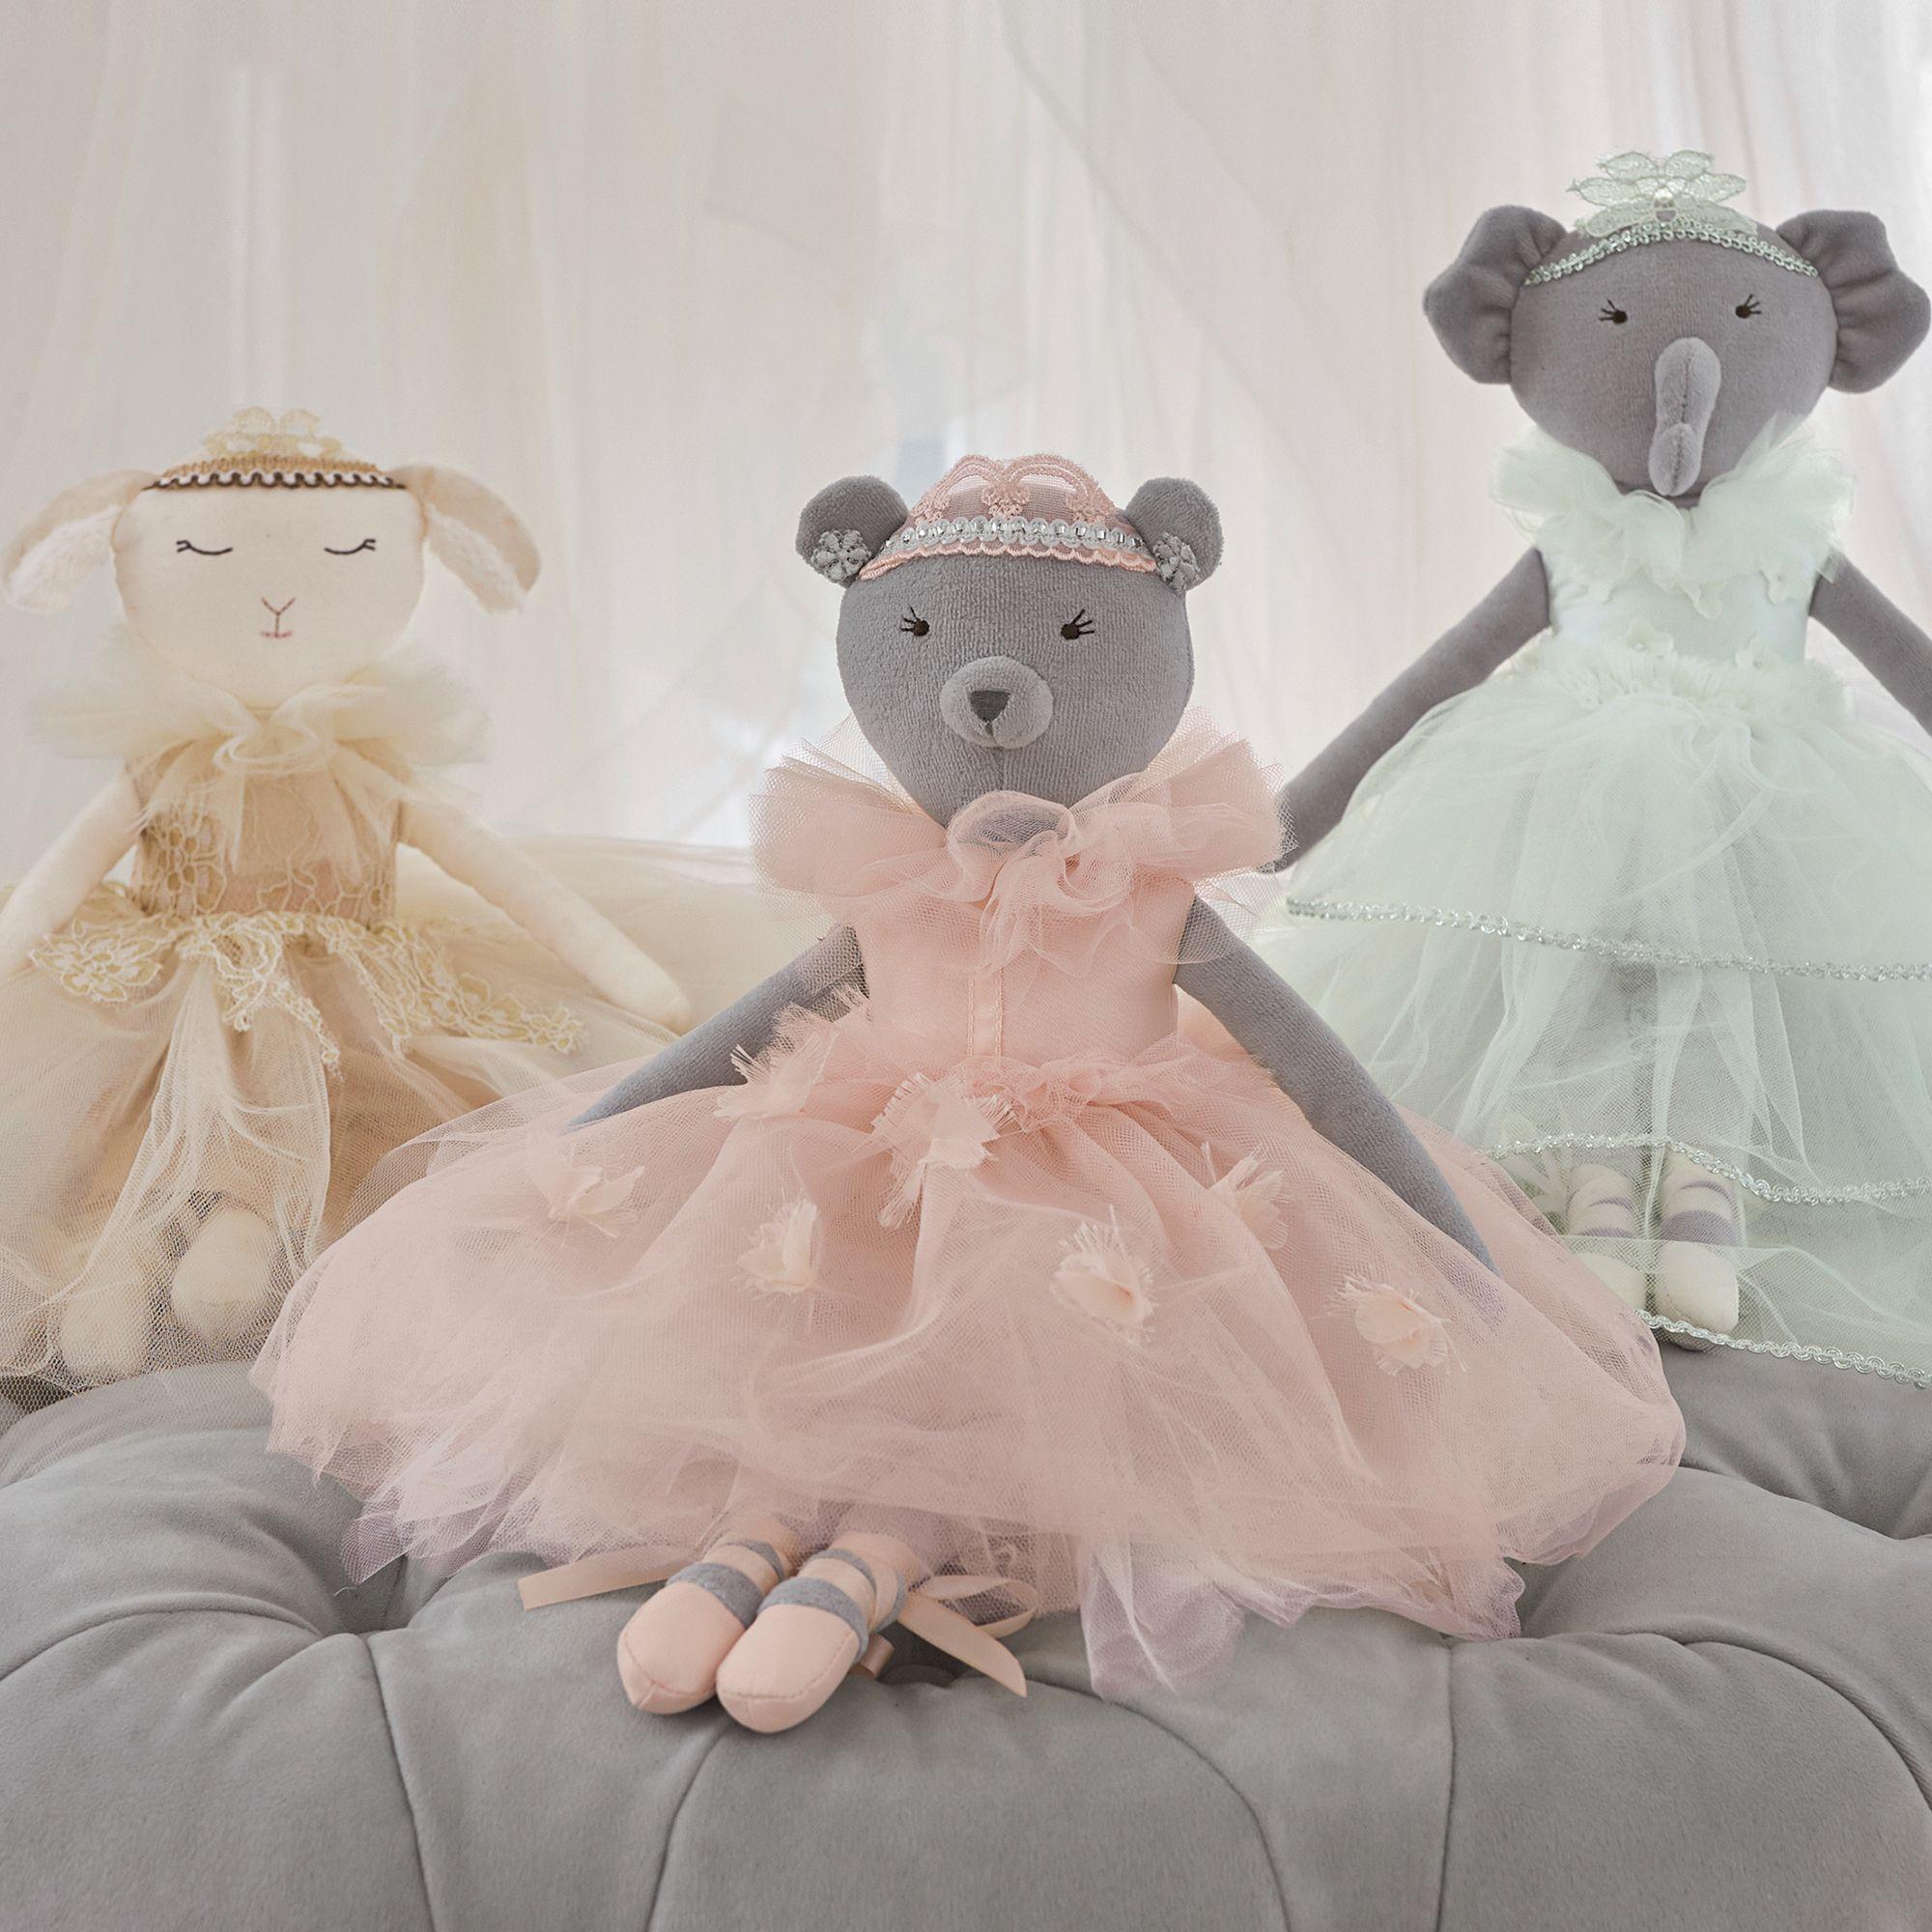 Monique Lhuillier for Pottery Barn Kids Designer Dolls